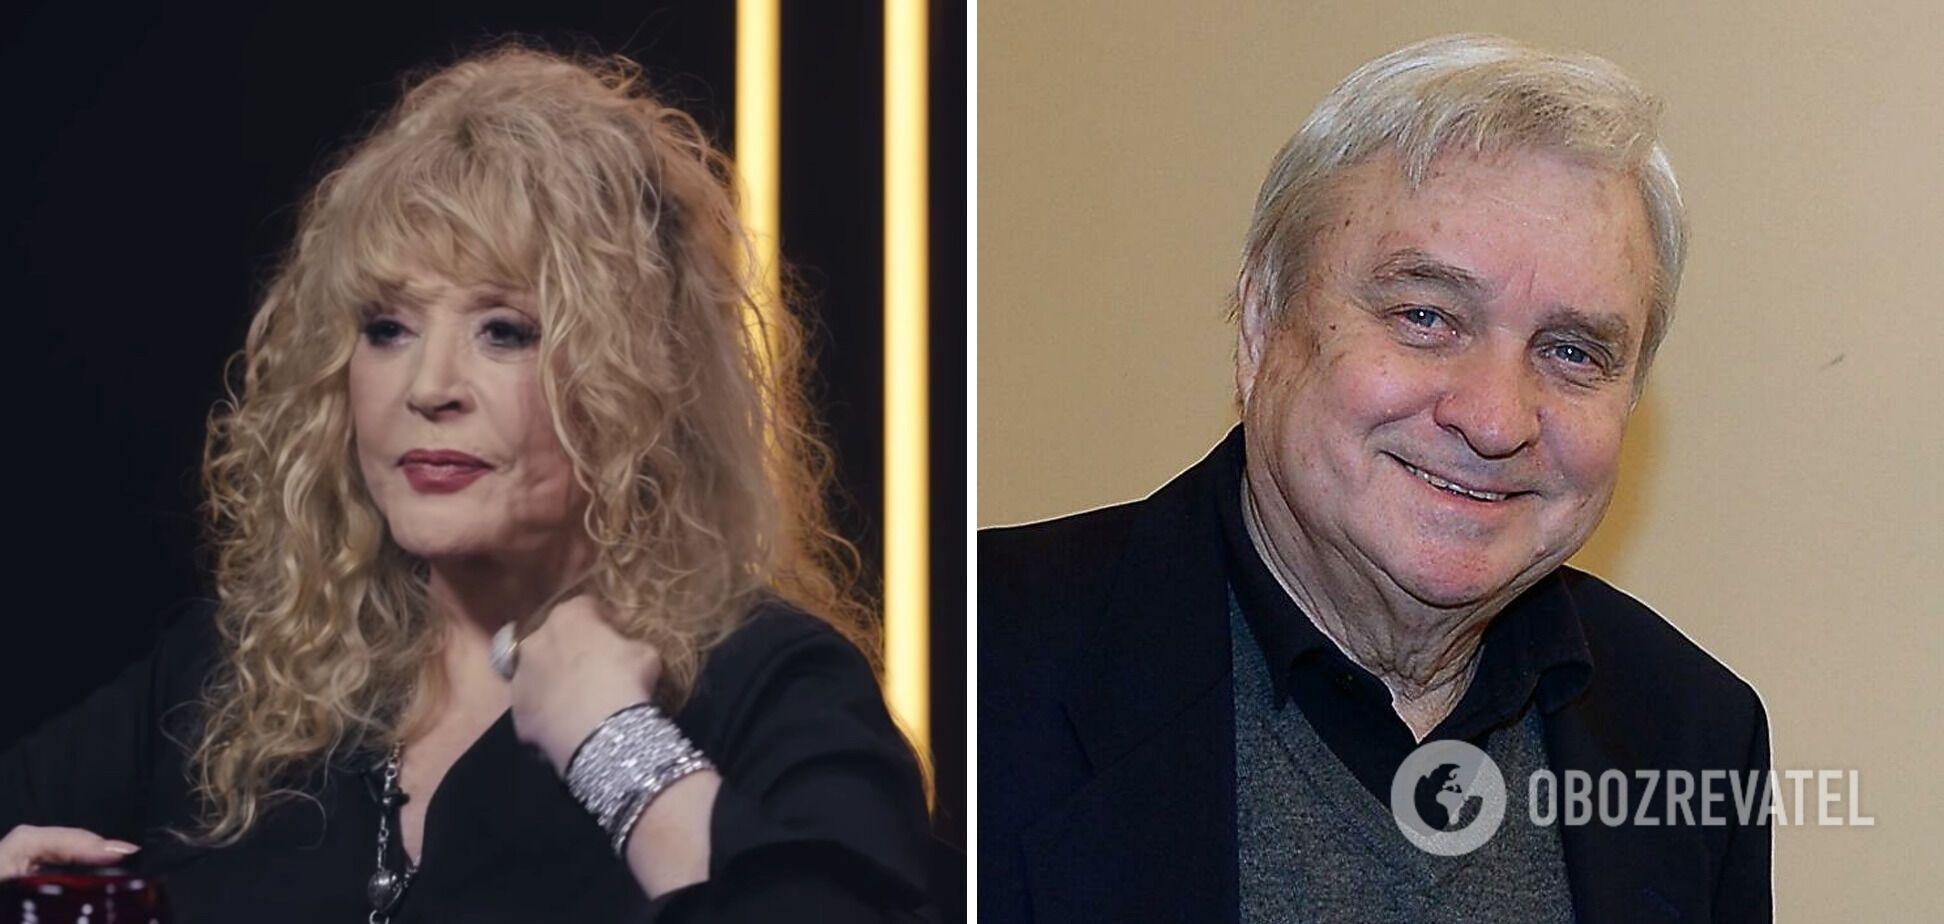 Александр Стефанович и Алла Пугачева